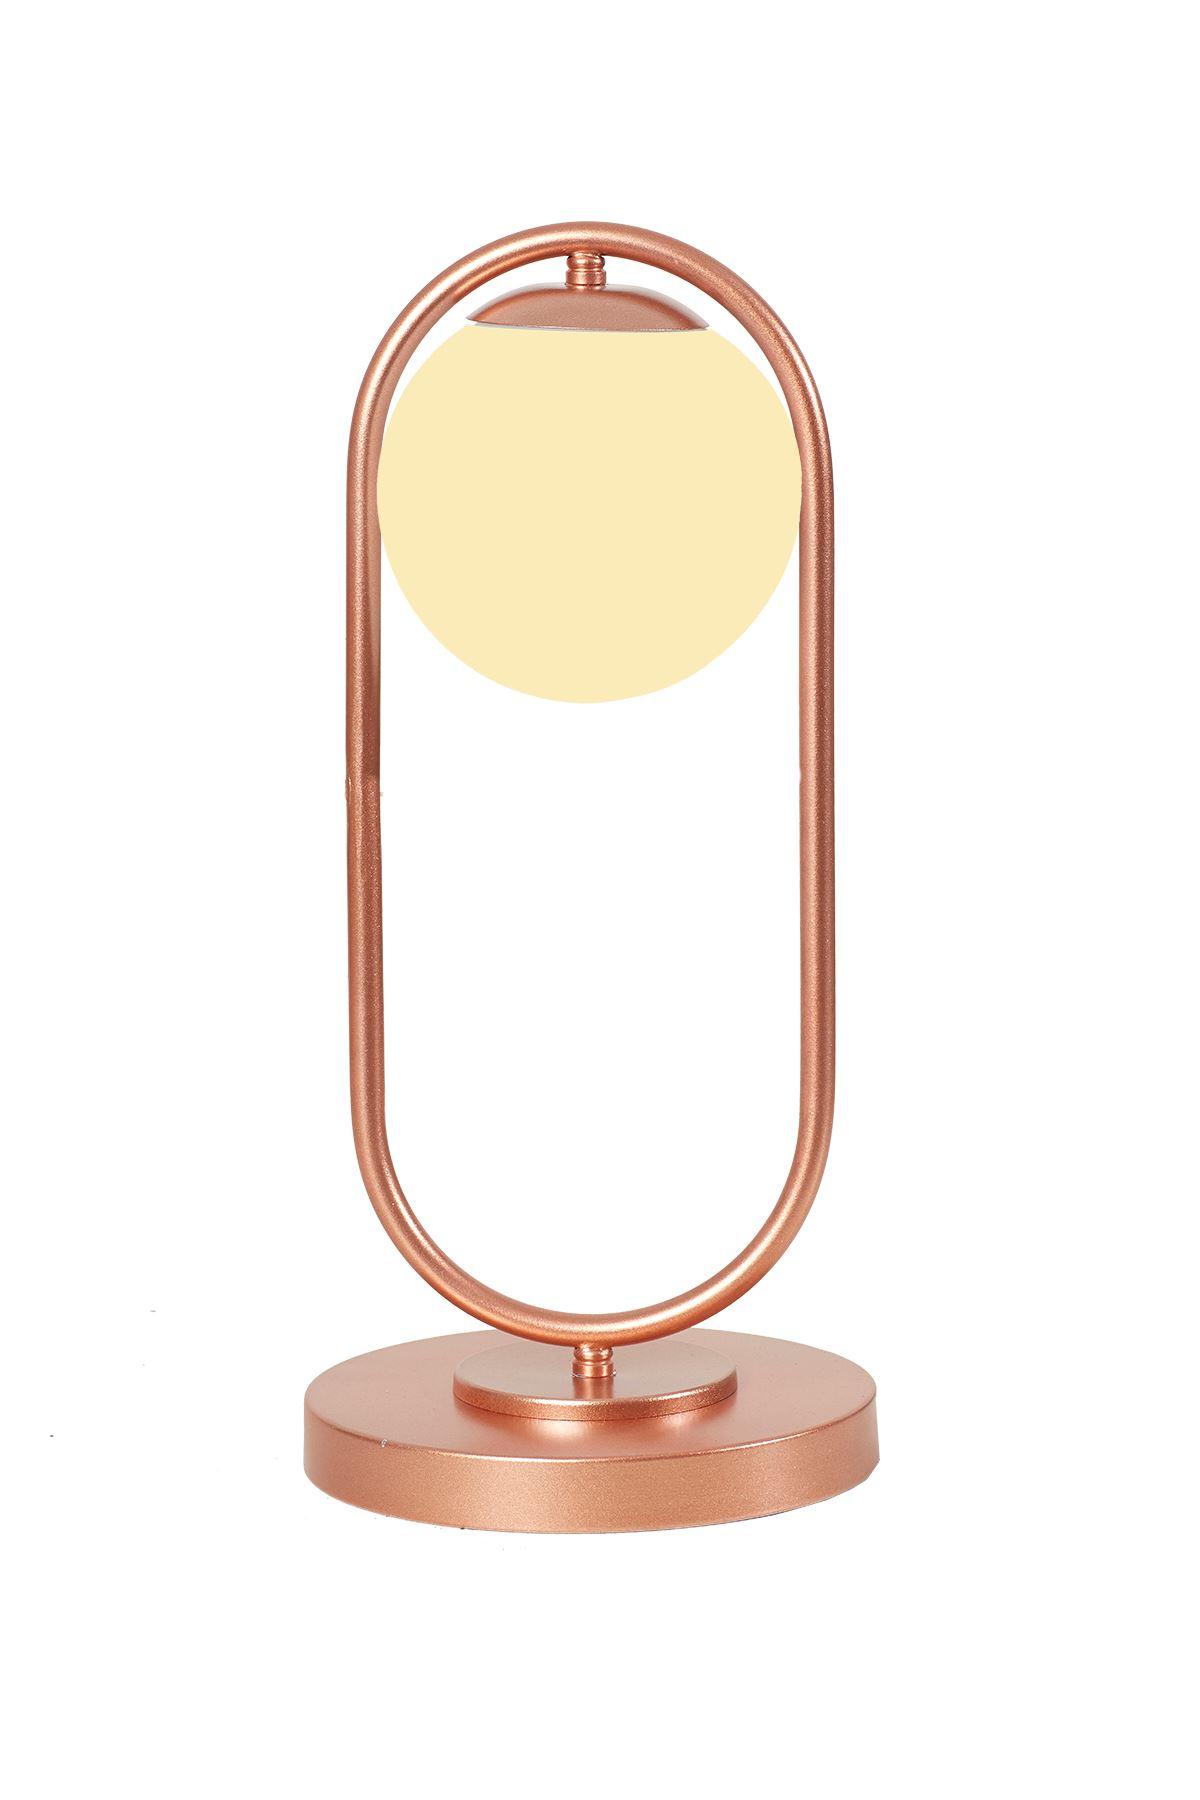 Zenga Bakır Metal Gövde Beyaz Camlı Tasarım Lüx Masa Lambası